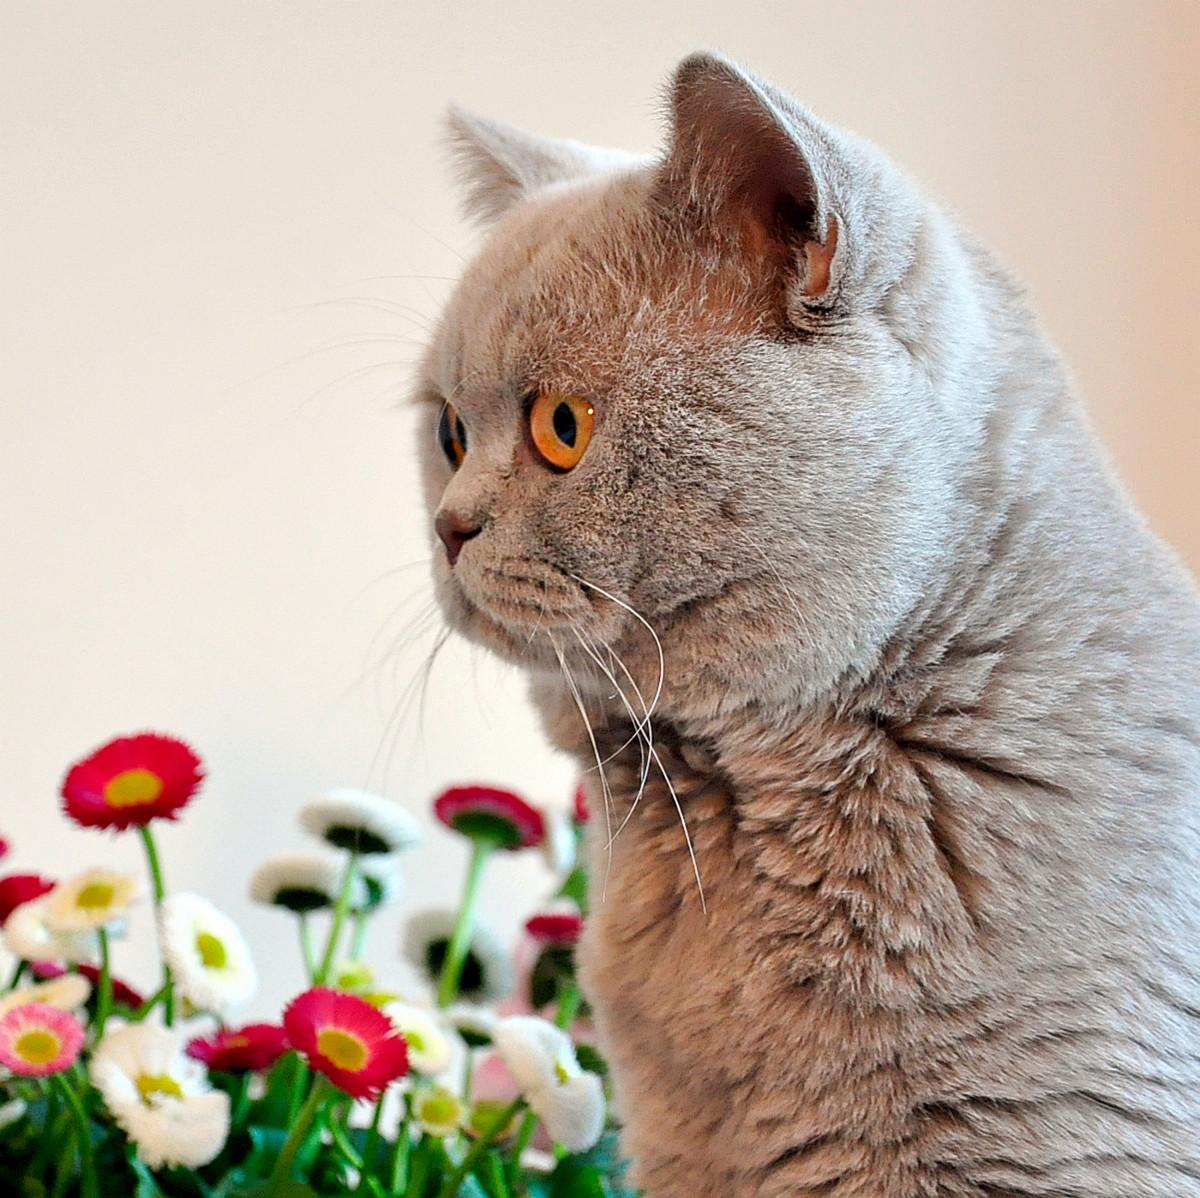 творения кот британец красивые картинки натяжением